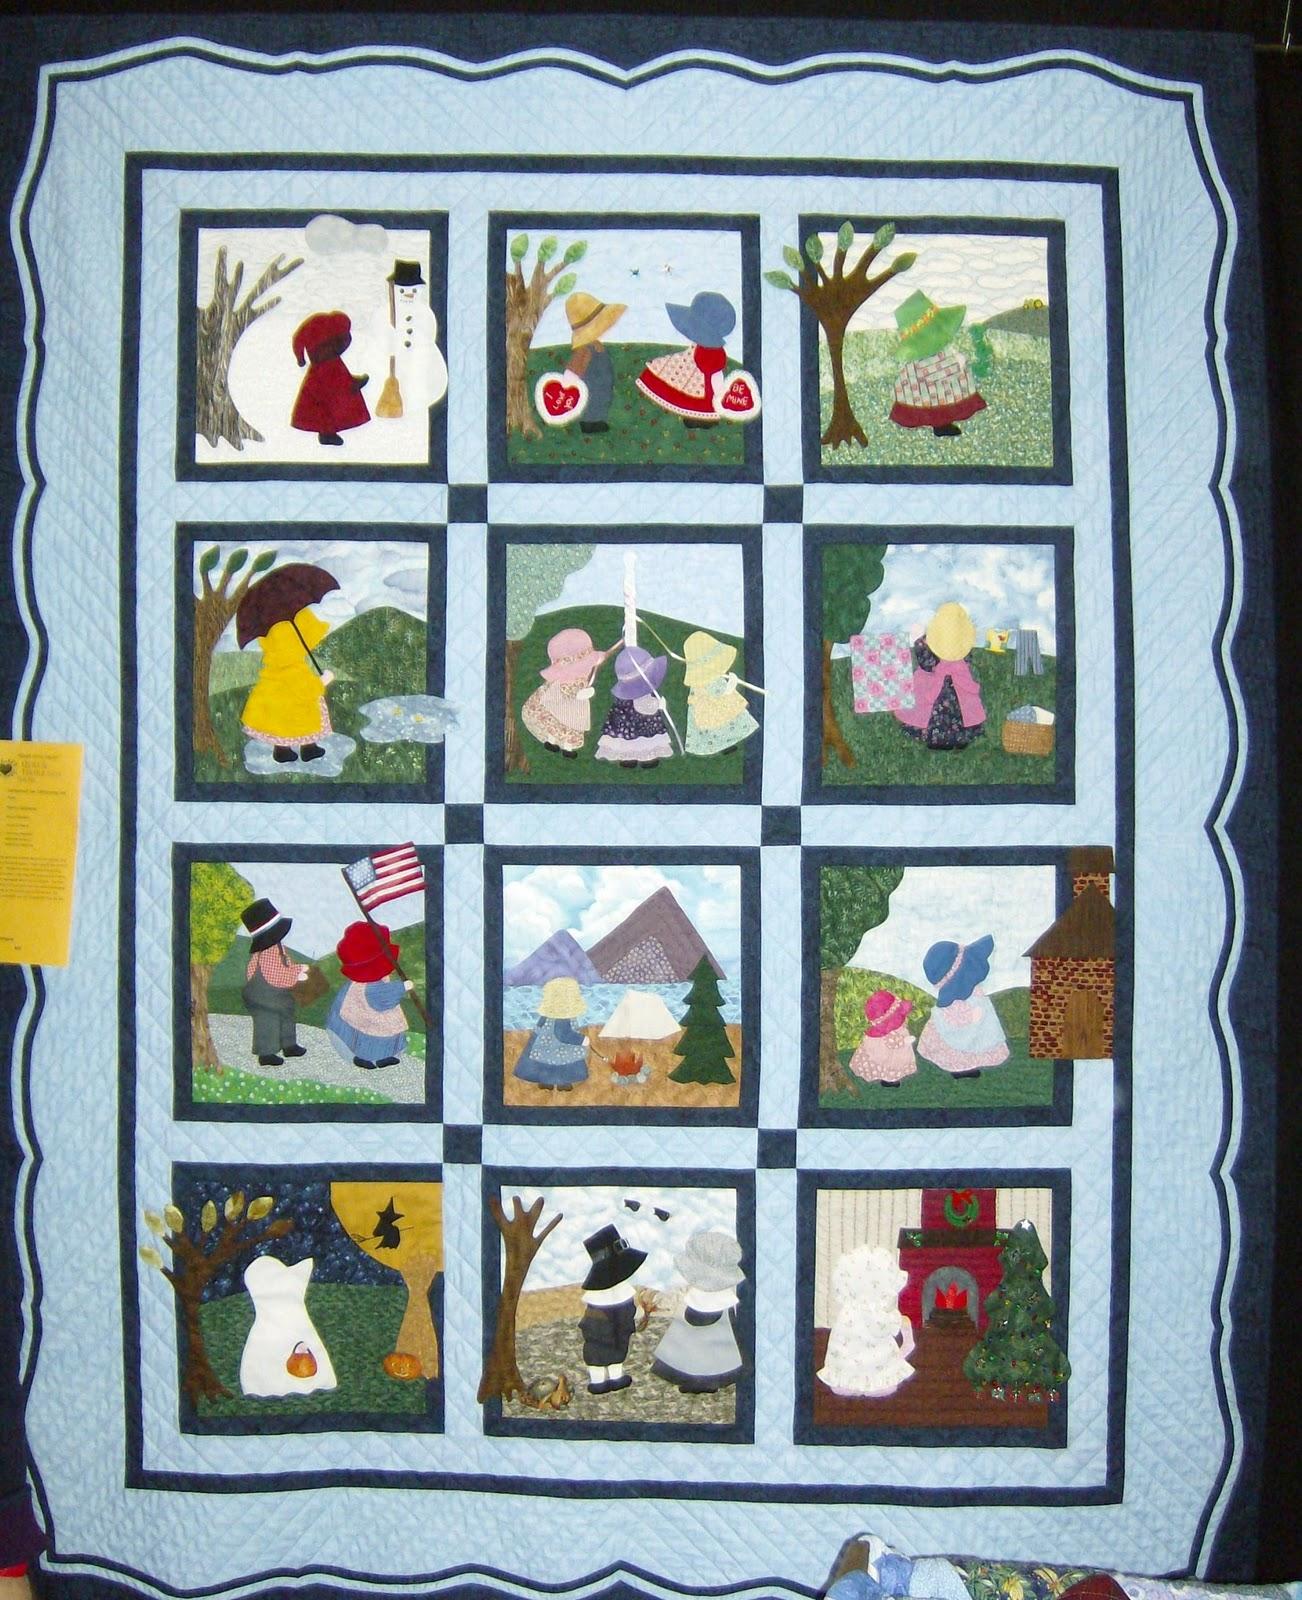 Beehive Quilts: Modesto Quilt Show : quilt show calendar - Adamdwight.com